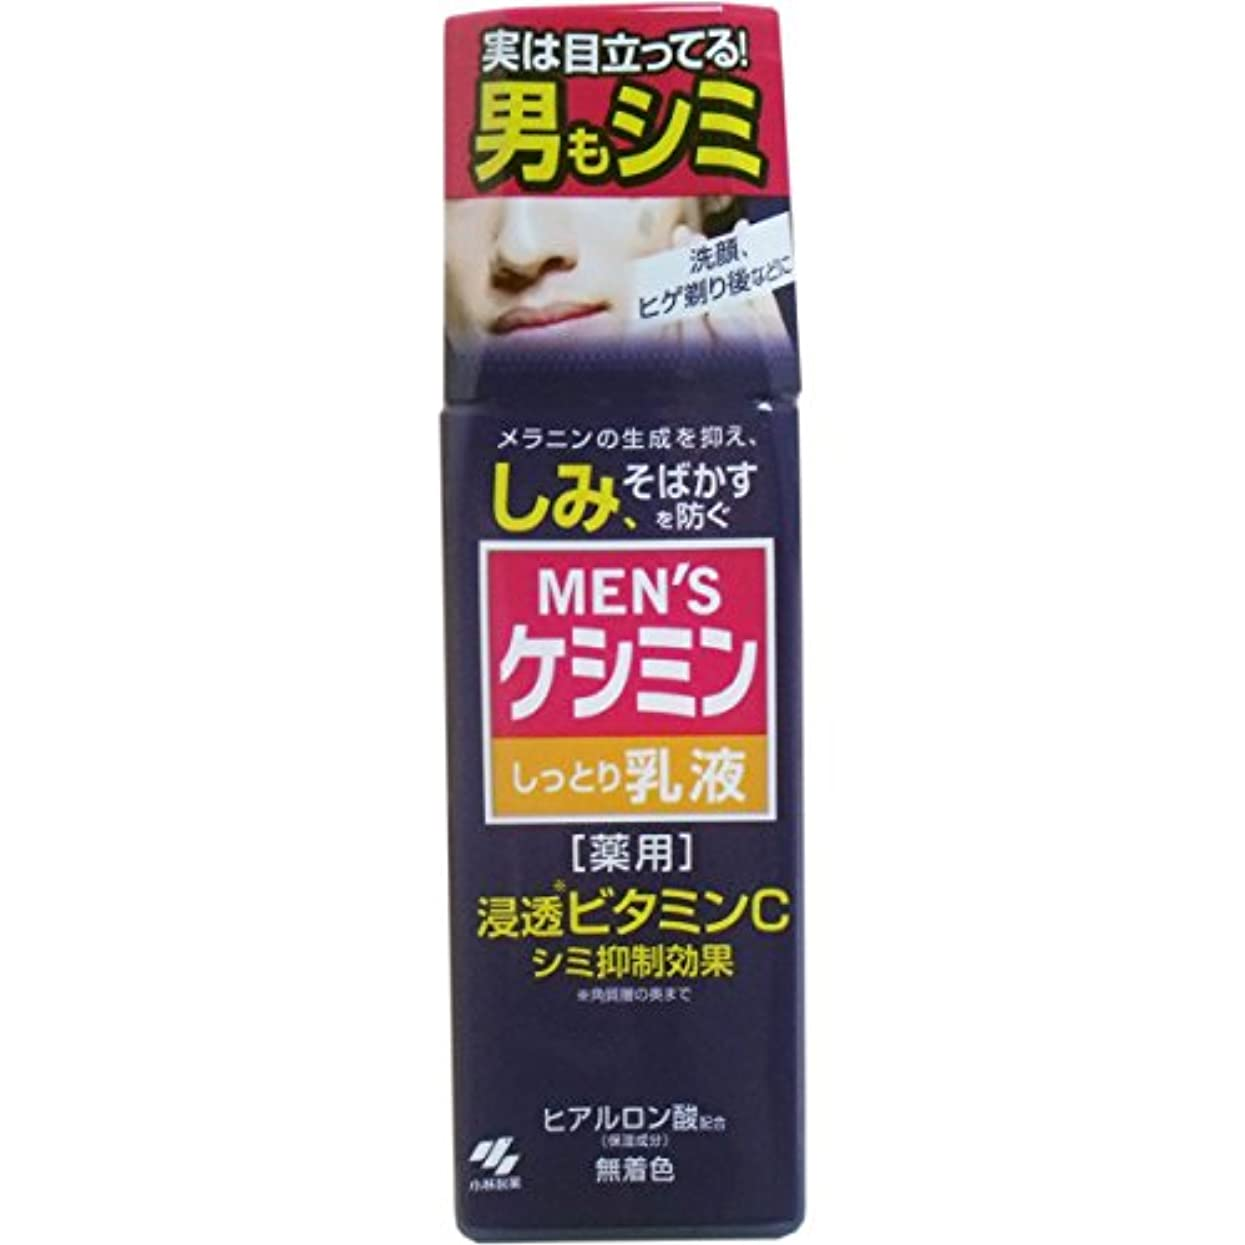 テラス第二窒素【小林製薬】メンズケシミン乳液 110ml ×3個セット